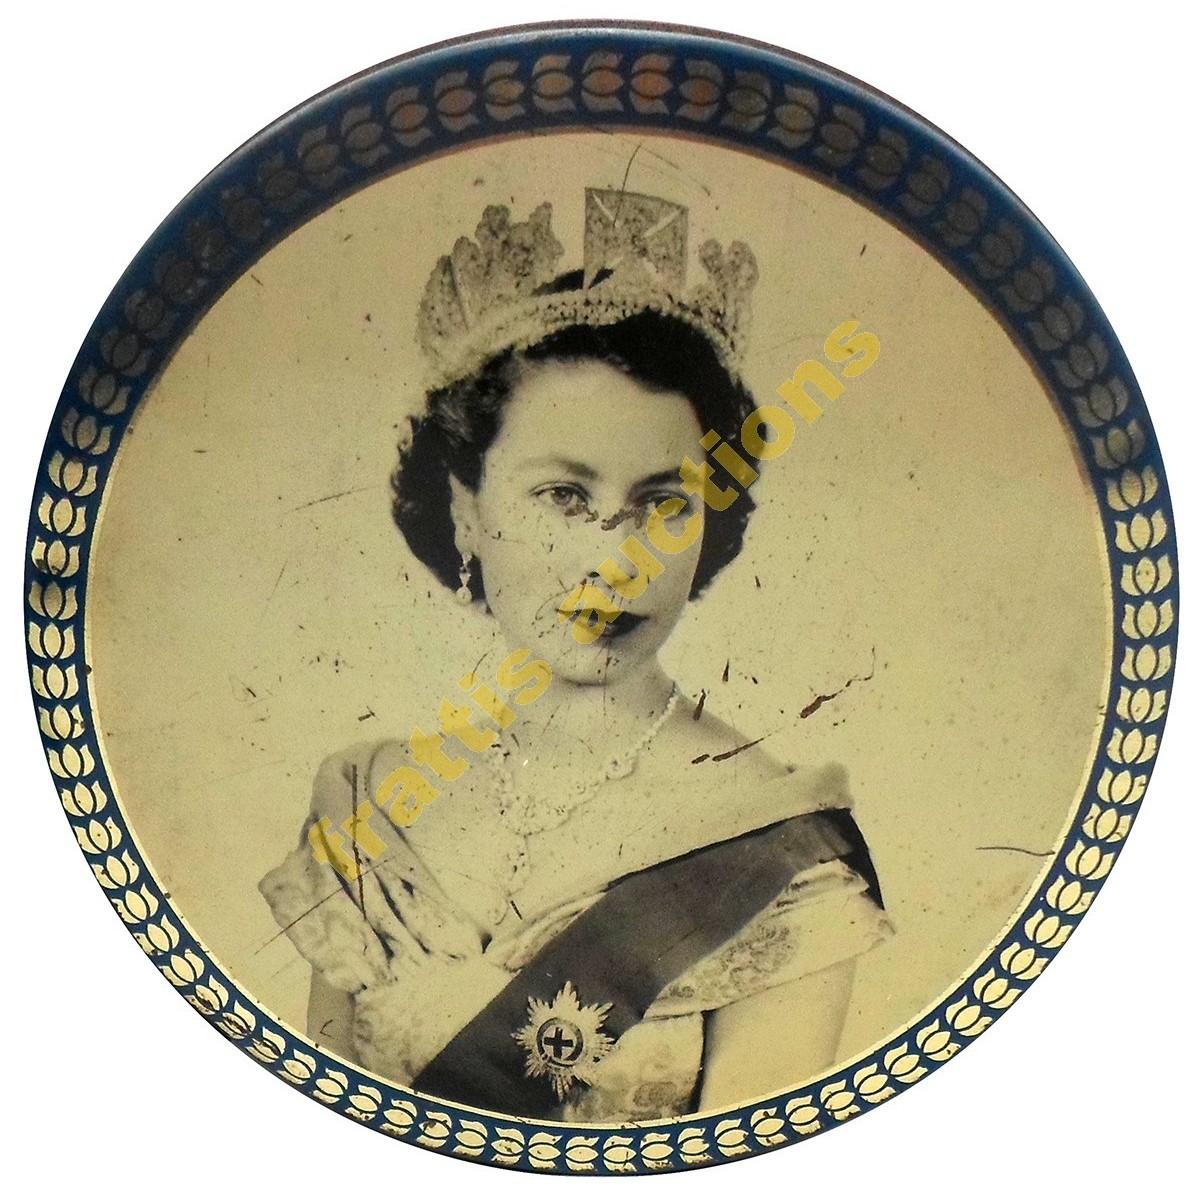 Μεταλλικό κουτί με τη Βασίλισσα. Ελισσάβετ.